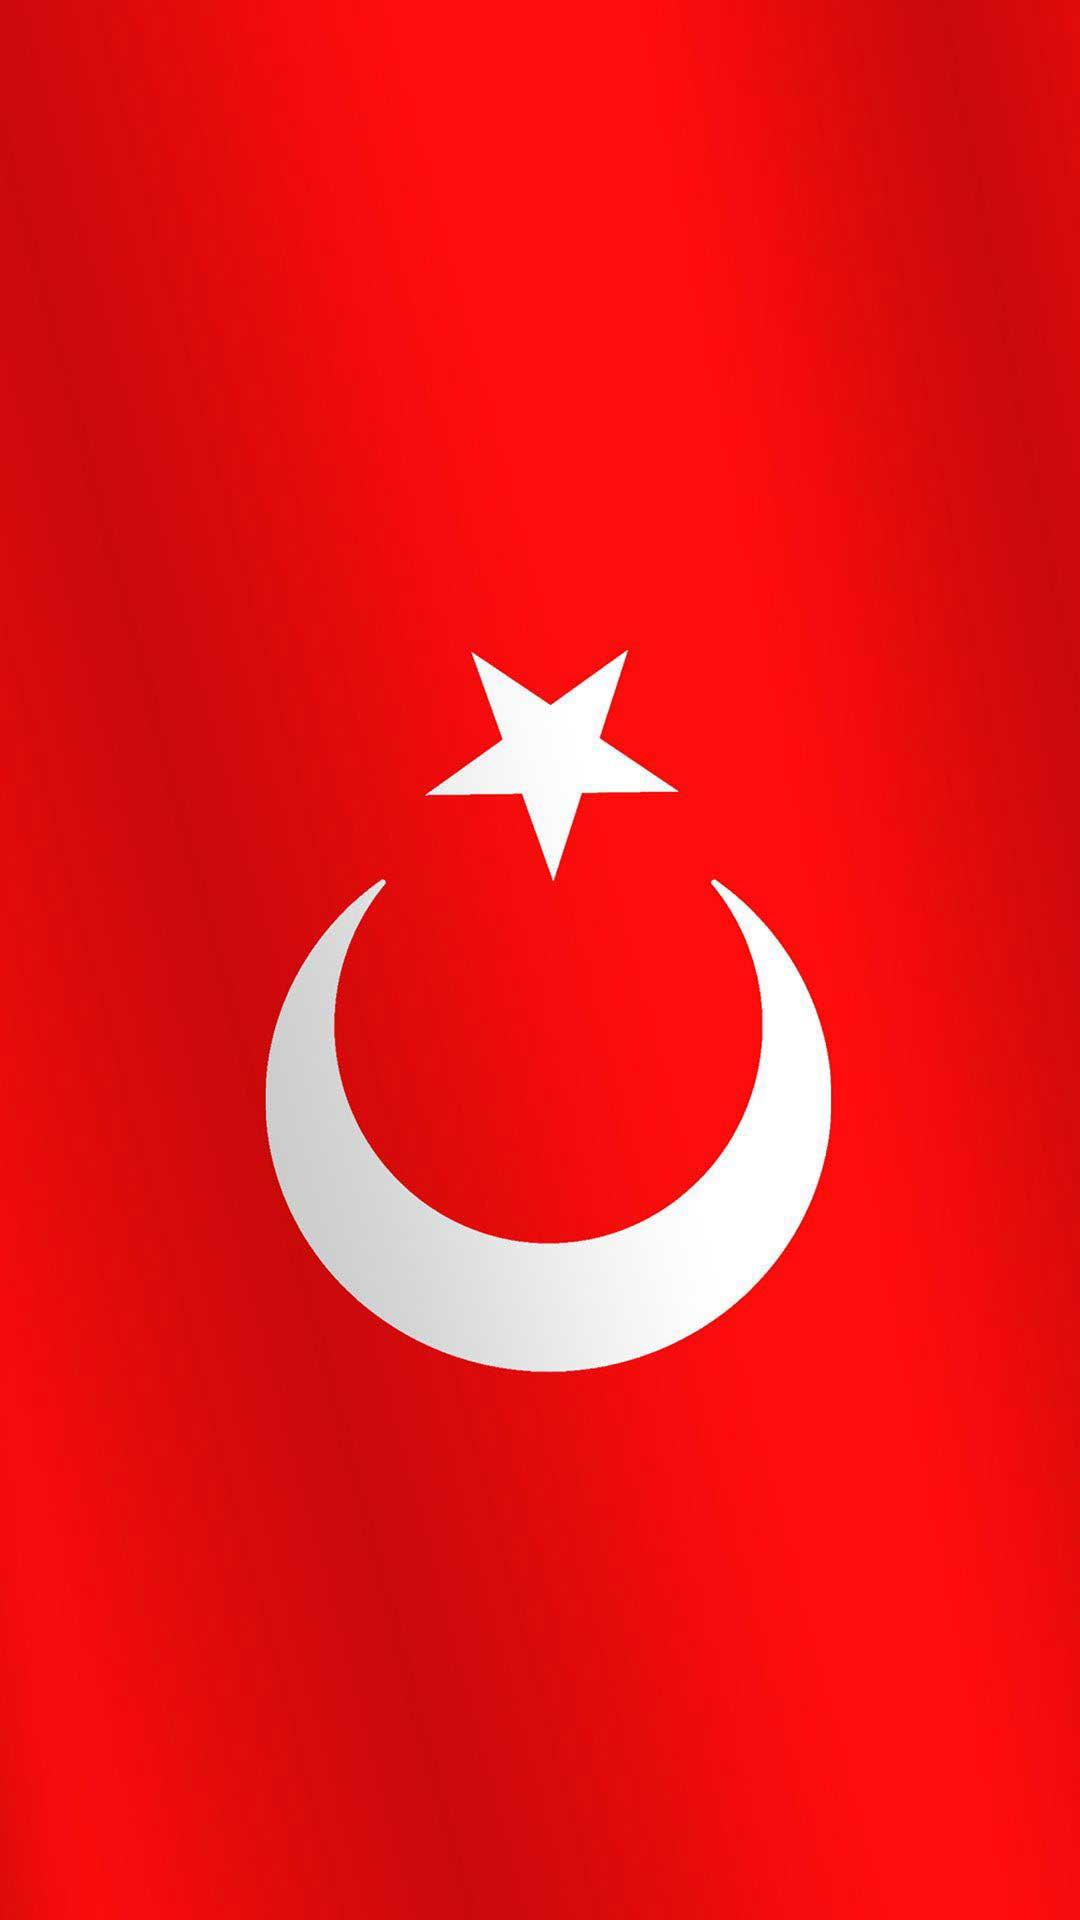 Turk Bayragi Telefon Duvar Kagitlari Turk Bayraklari